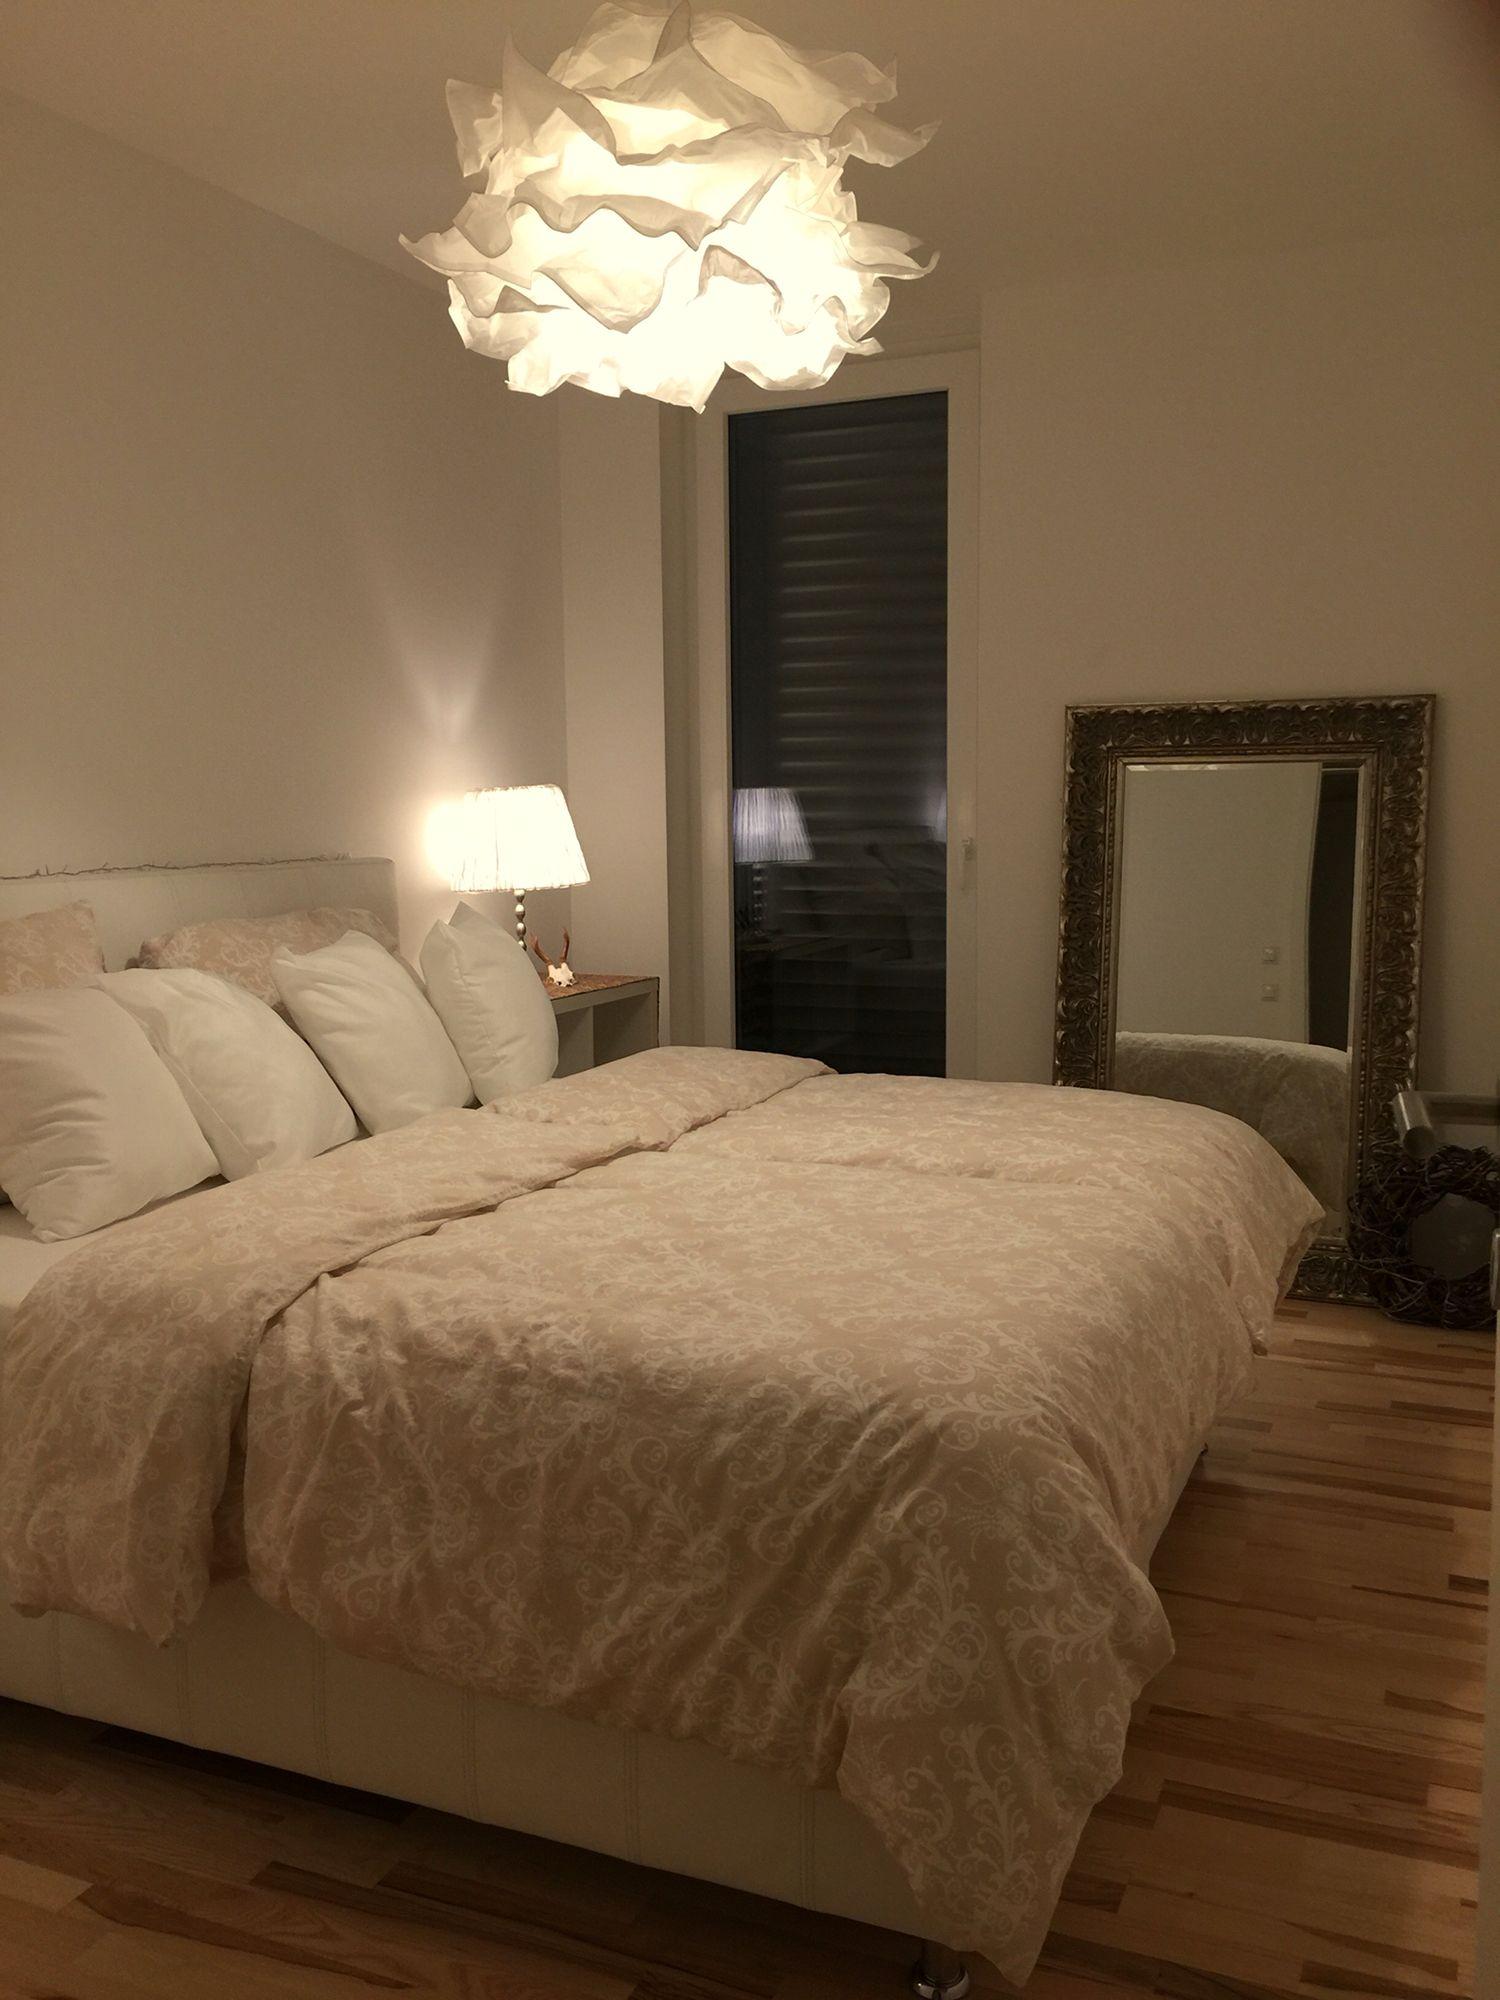 Full Size of Ikea Krusning Wohnzimmer Lampen Deckenlampe Schlafzimmer Mit überbau Deckenlampen Für Lampe Stehlampen Klebefolie Fenster Laminat Fürs Bad Regal Wohnzimmer Lampe Für Schlafzimmer